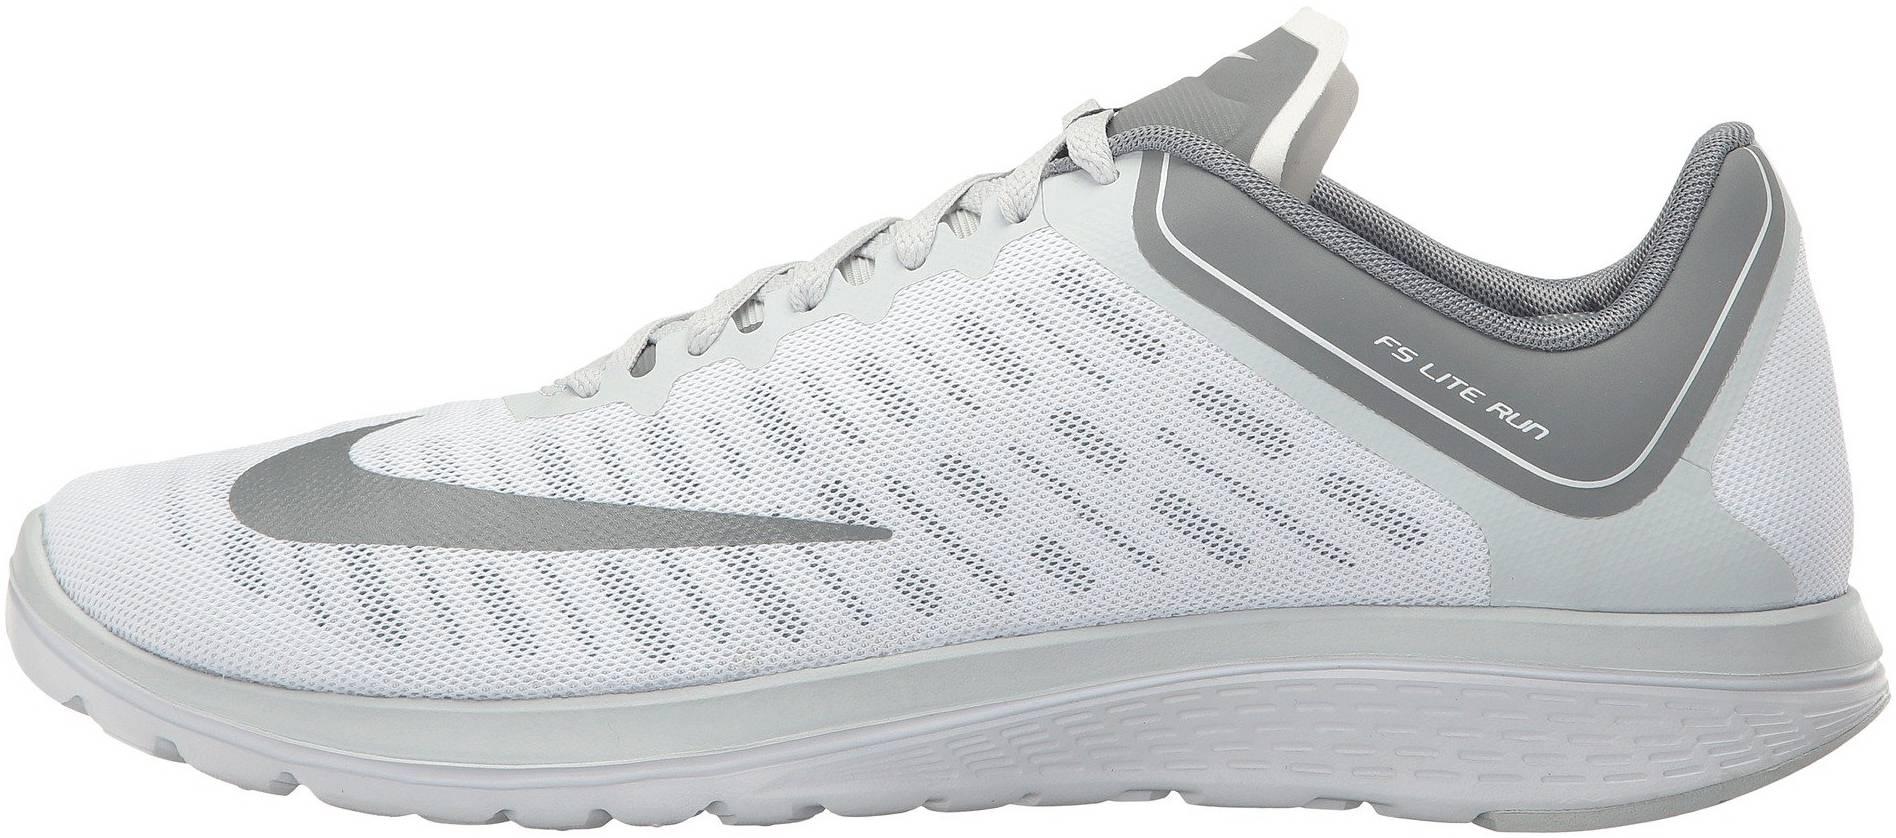 Estricto ácido Contrapartida  Only $50 + Review of Nike FS Lite Run 4 | RunRepeat